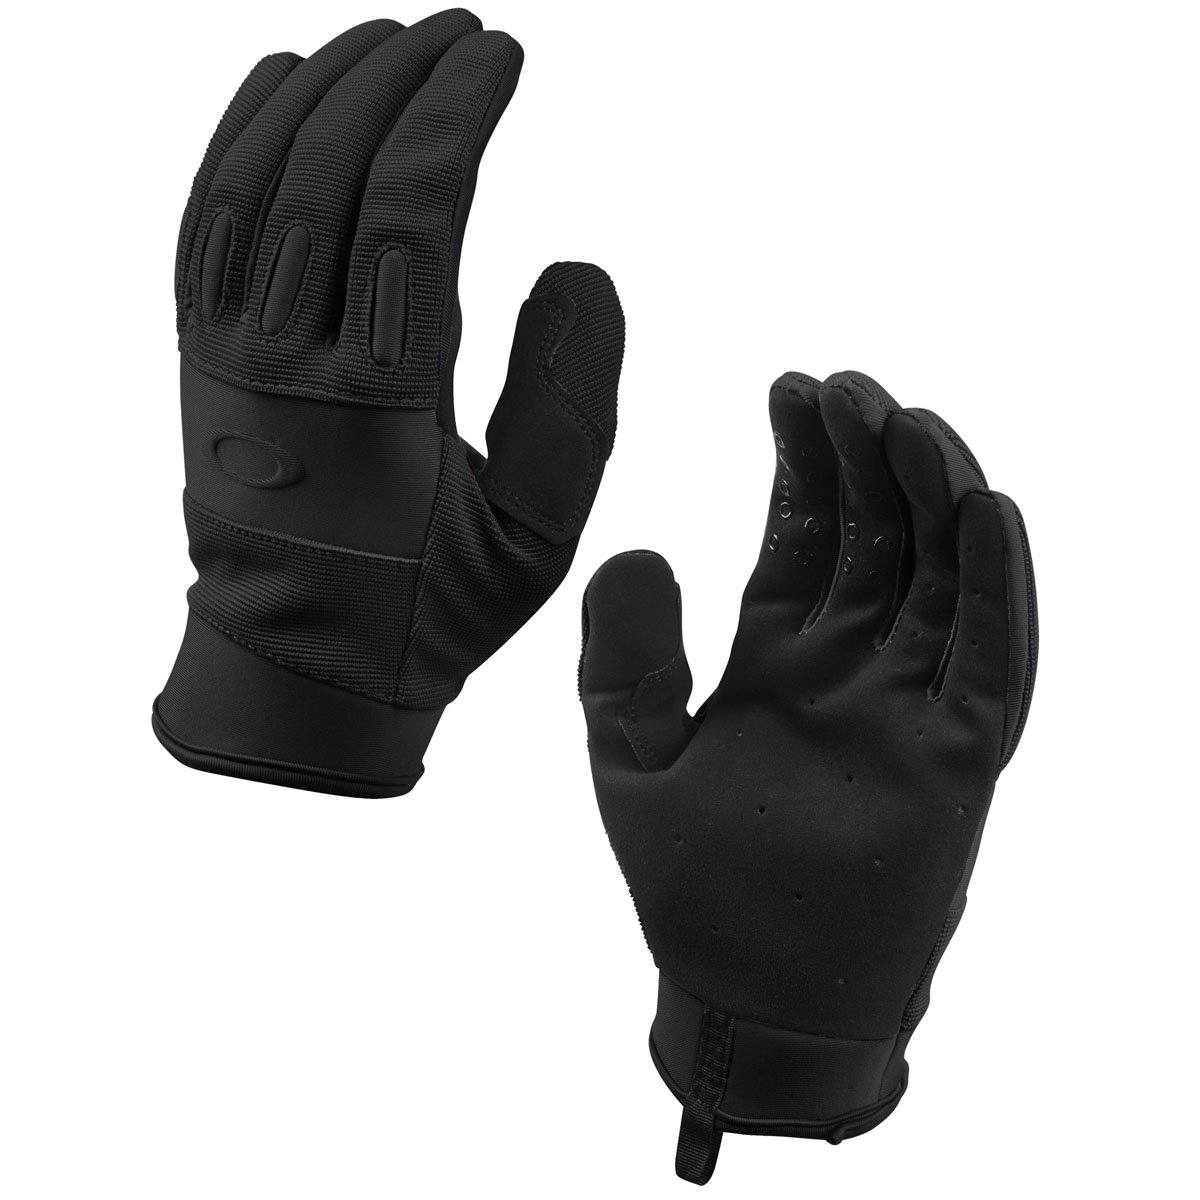 d7e78c4a8dd Amazon.com  Oakley Mens SI Lightweight Glove